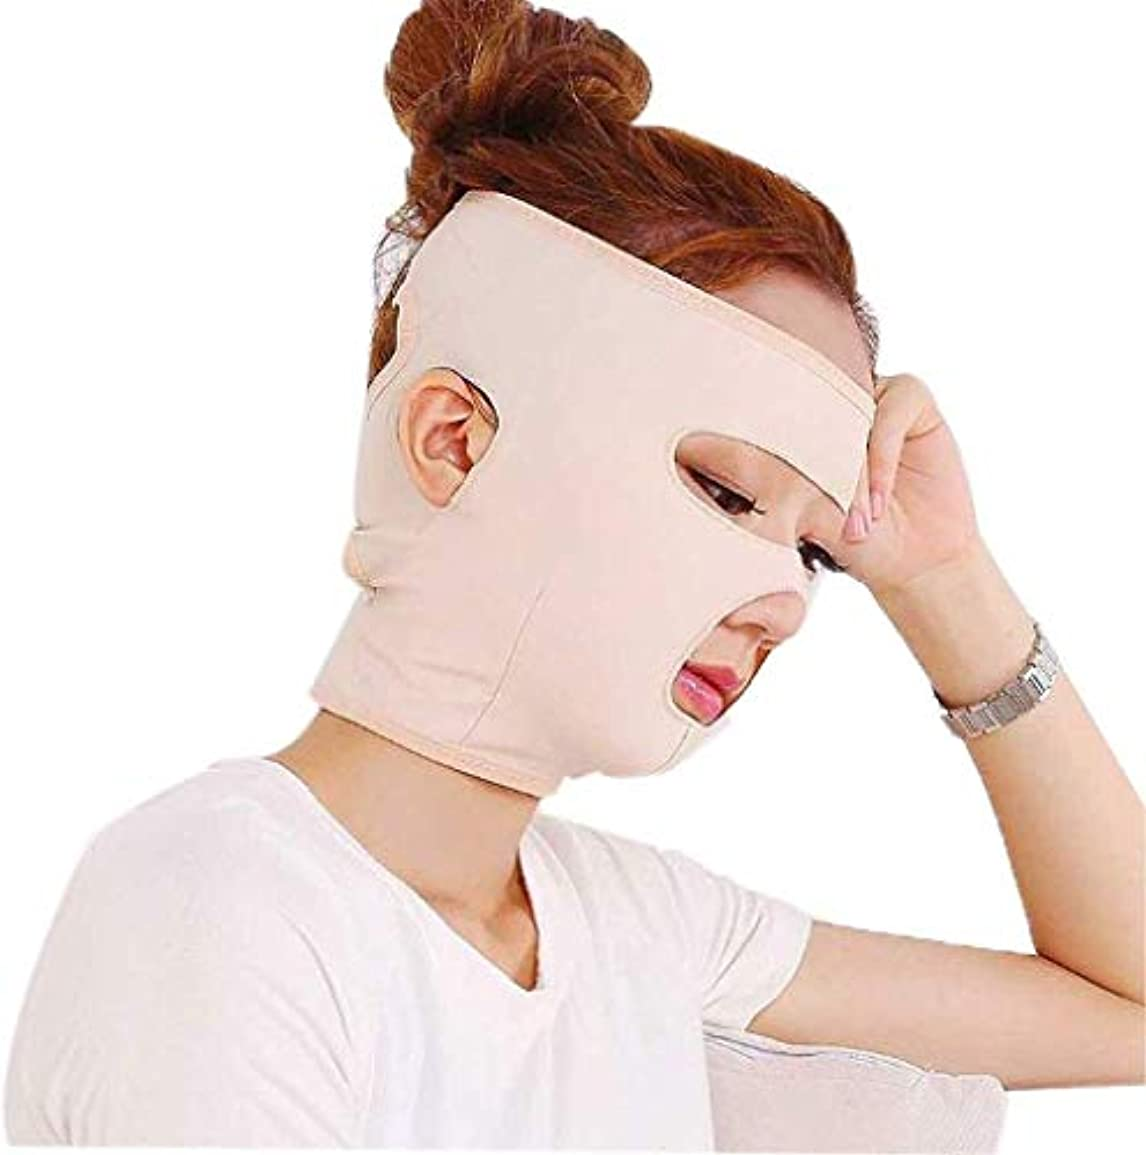 銛ブレスクリップ美しさと実用的なフルフェイスタイプ通気性ライン、彫刻後、顔の包帯、薄いVフェイスマスク、リフティングファーミング、ロー、パターンアーティファクト(サイズ:M)